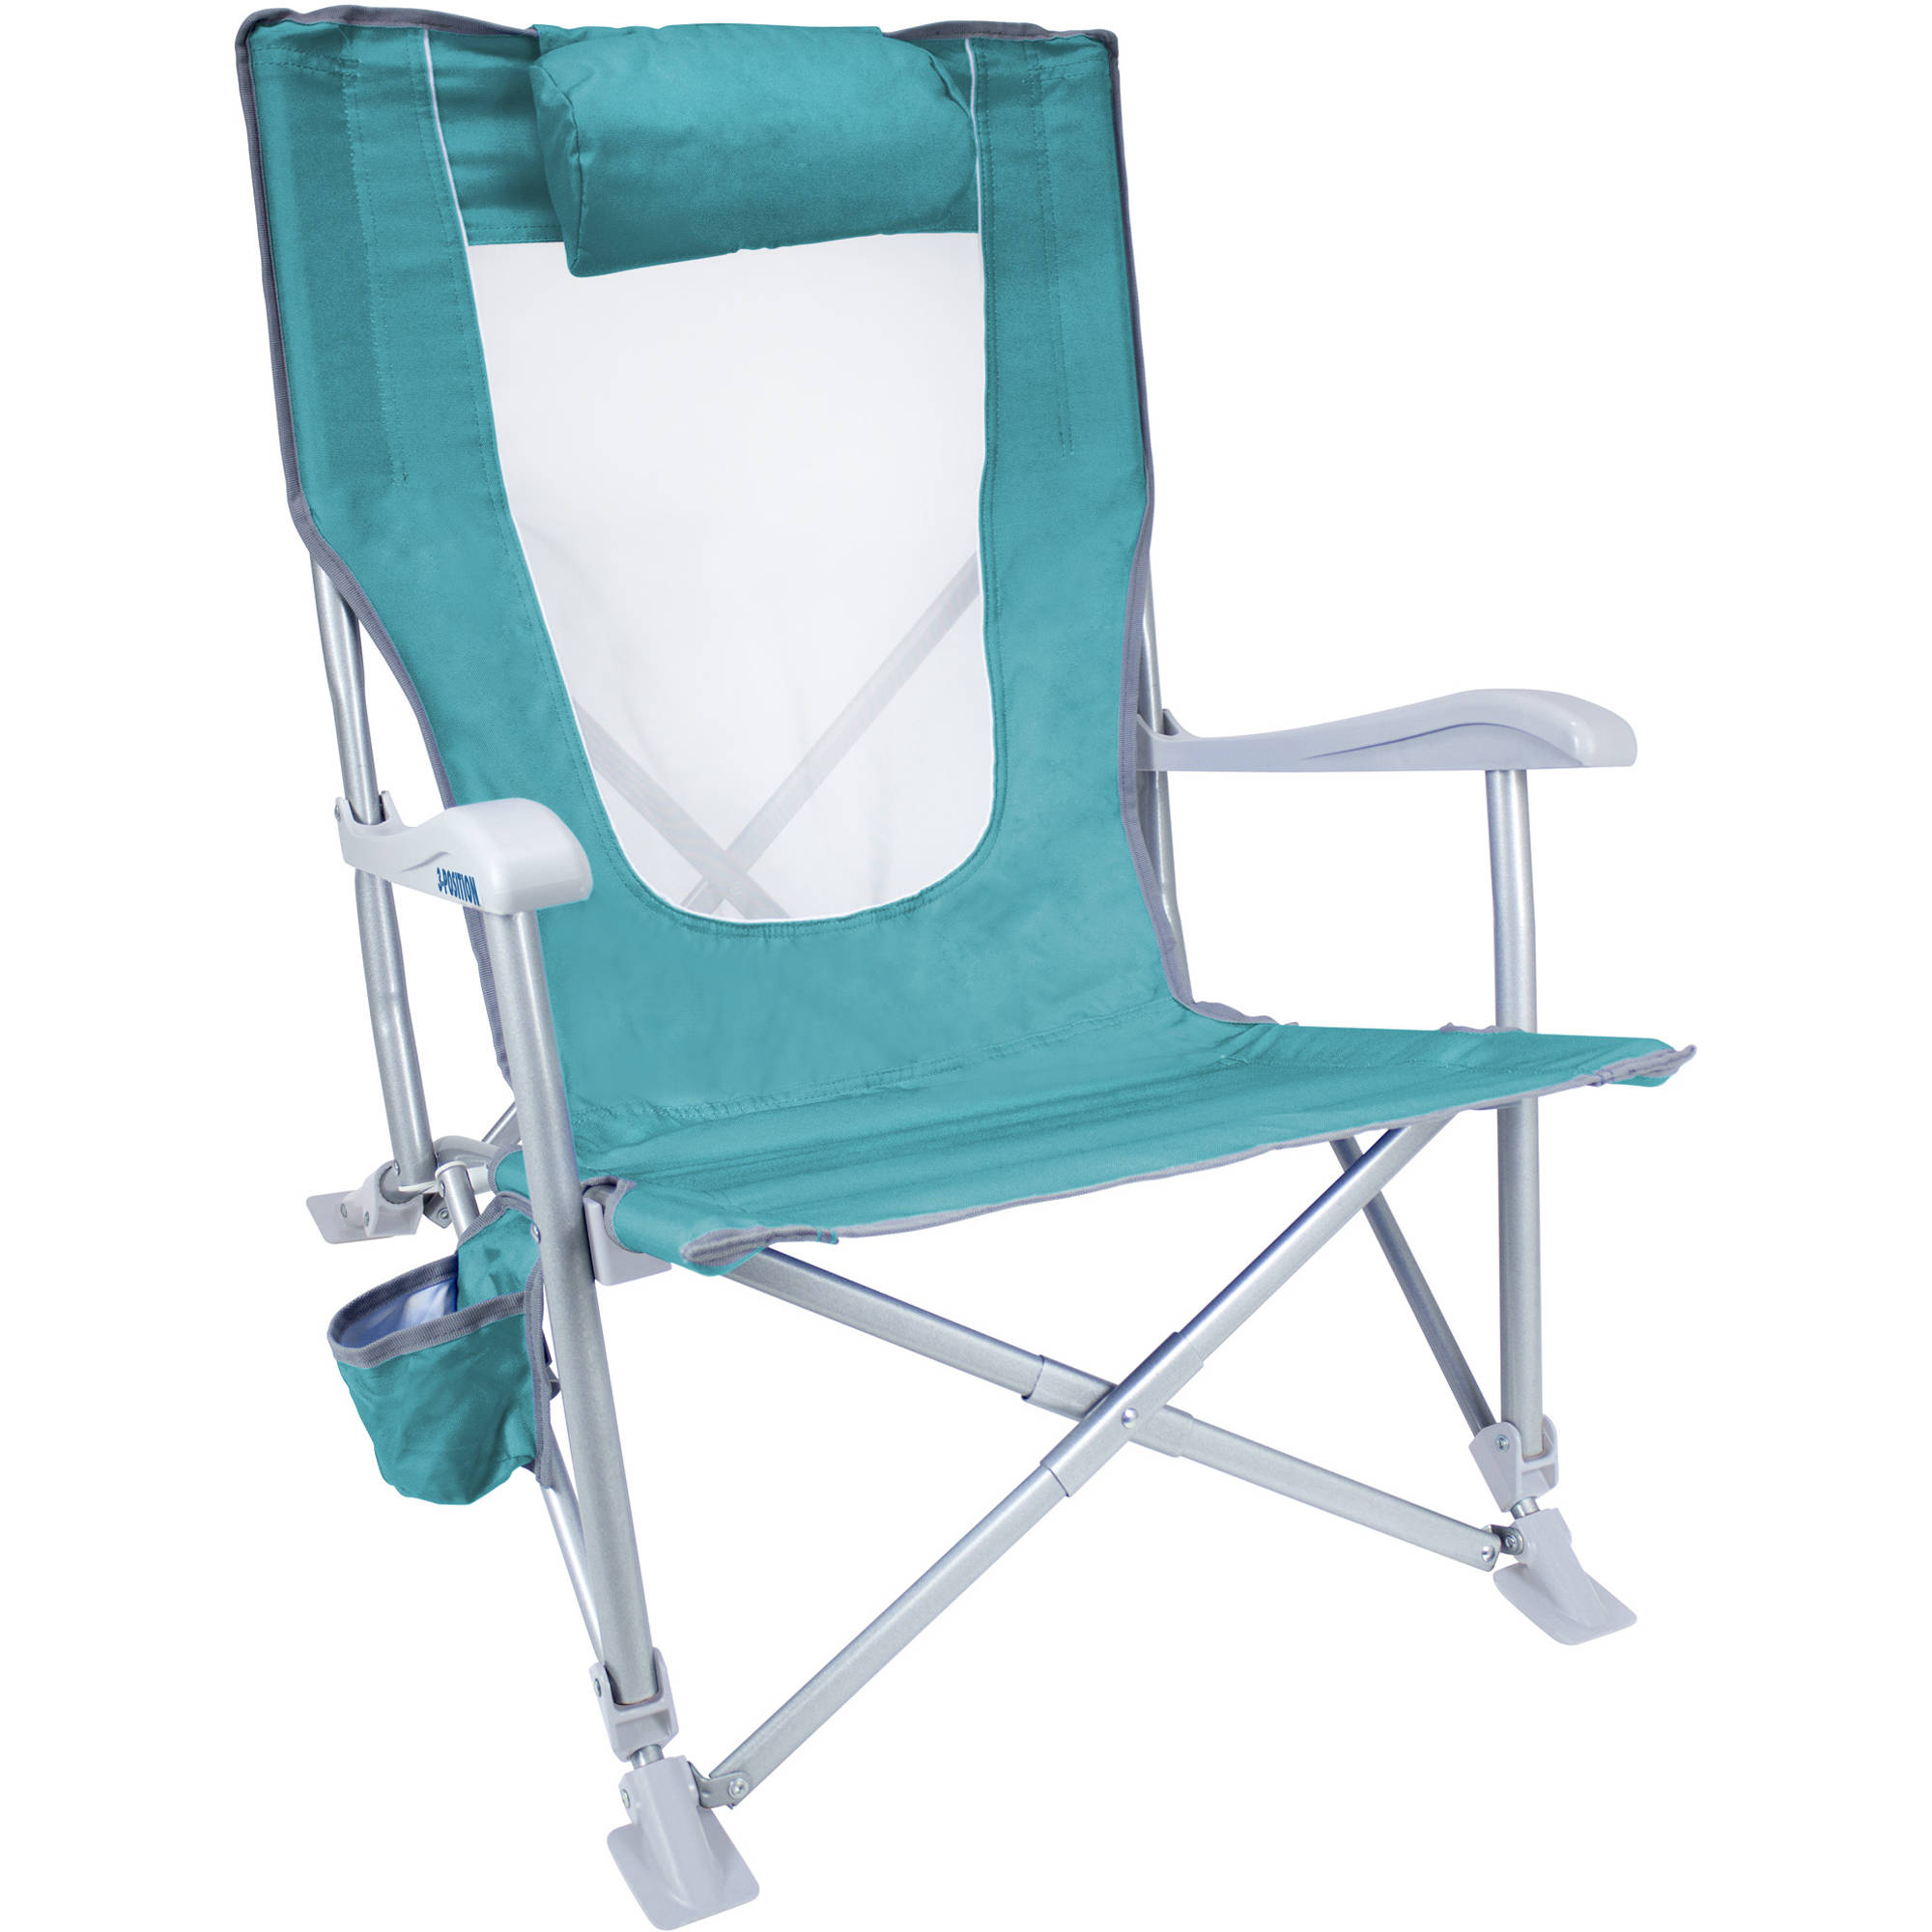 GCI Outdoor Sun Recliner Beach Chair (Seafoam Green) 61084 B&H